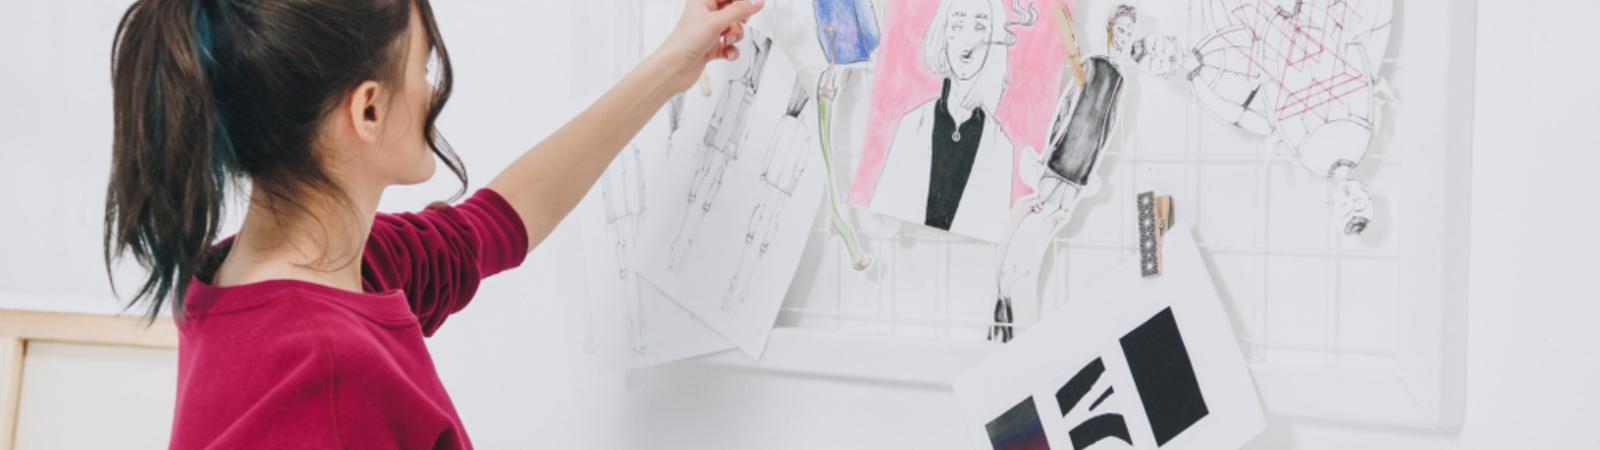 Onde buscar inspiração para coleções de moda? Confira dicas!